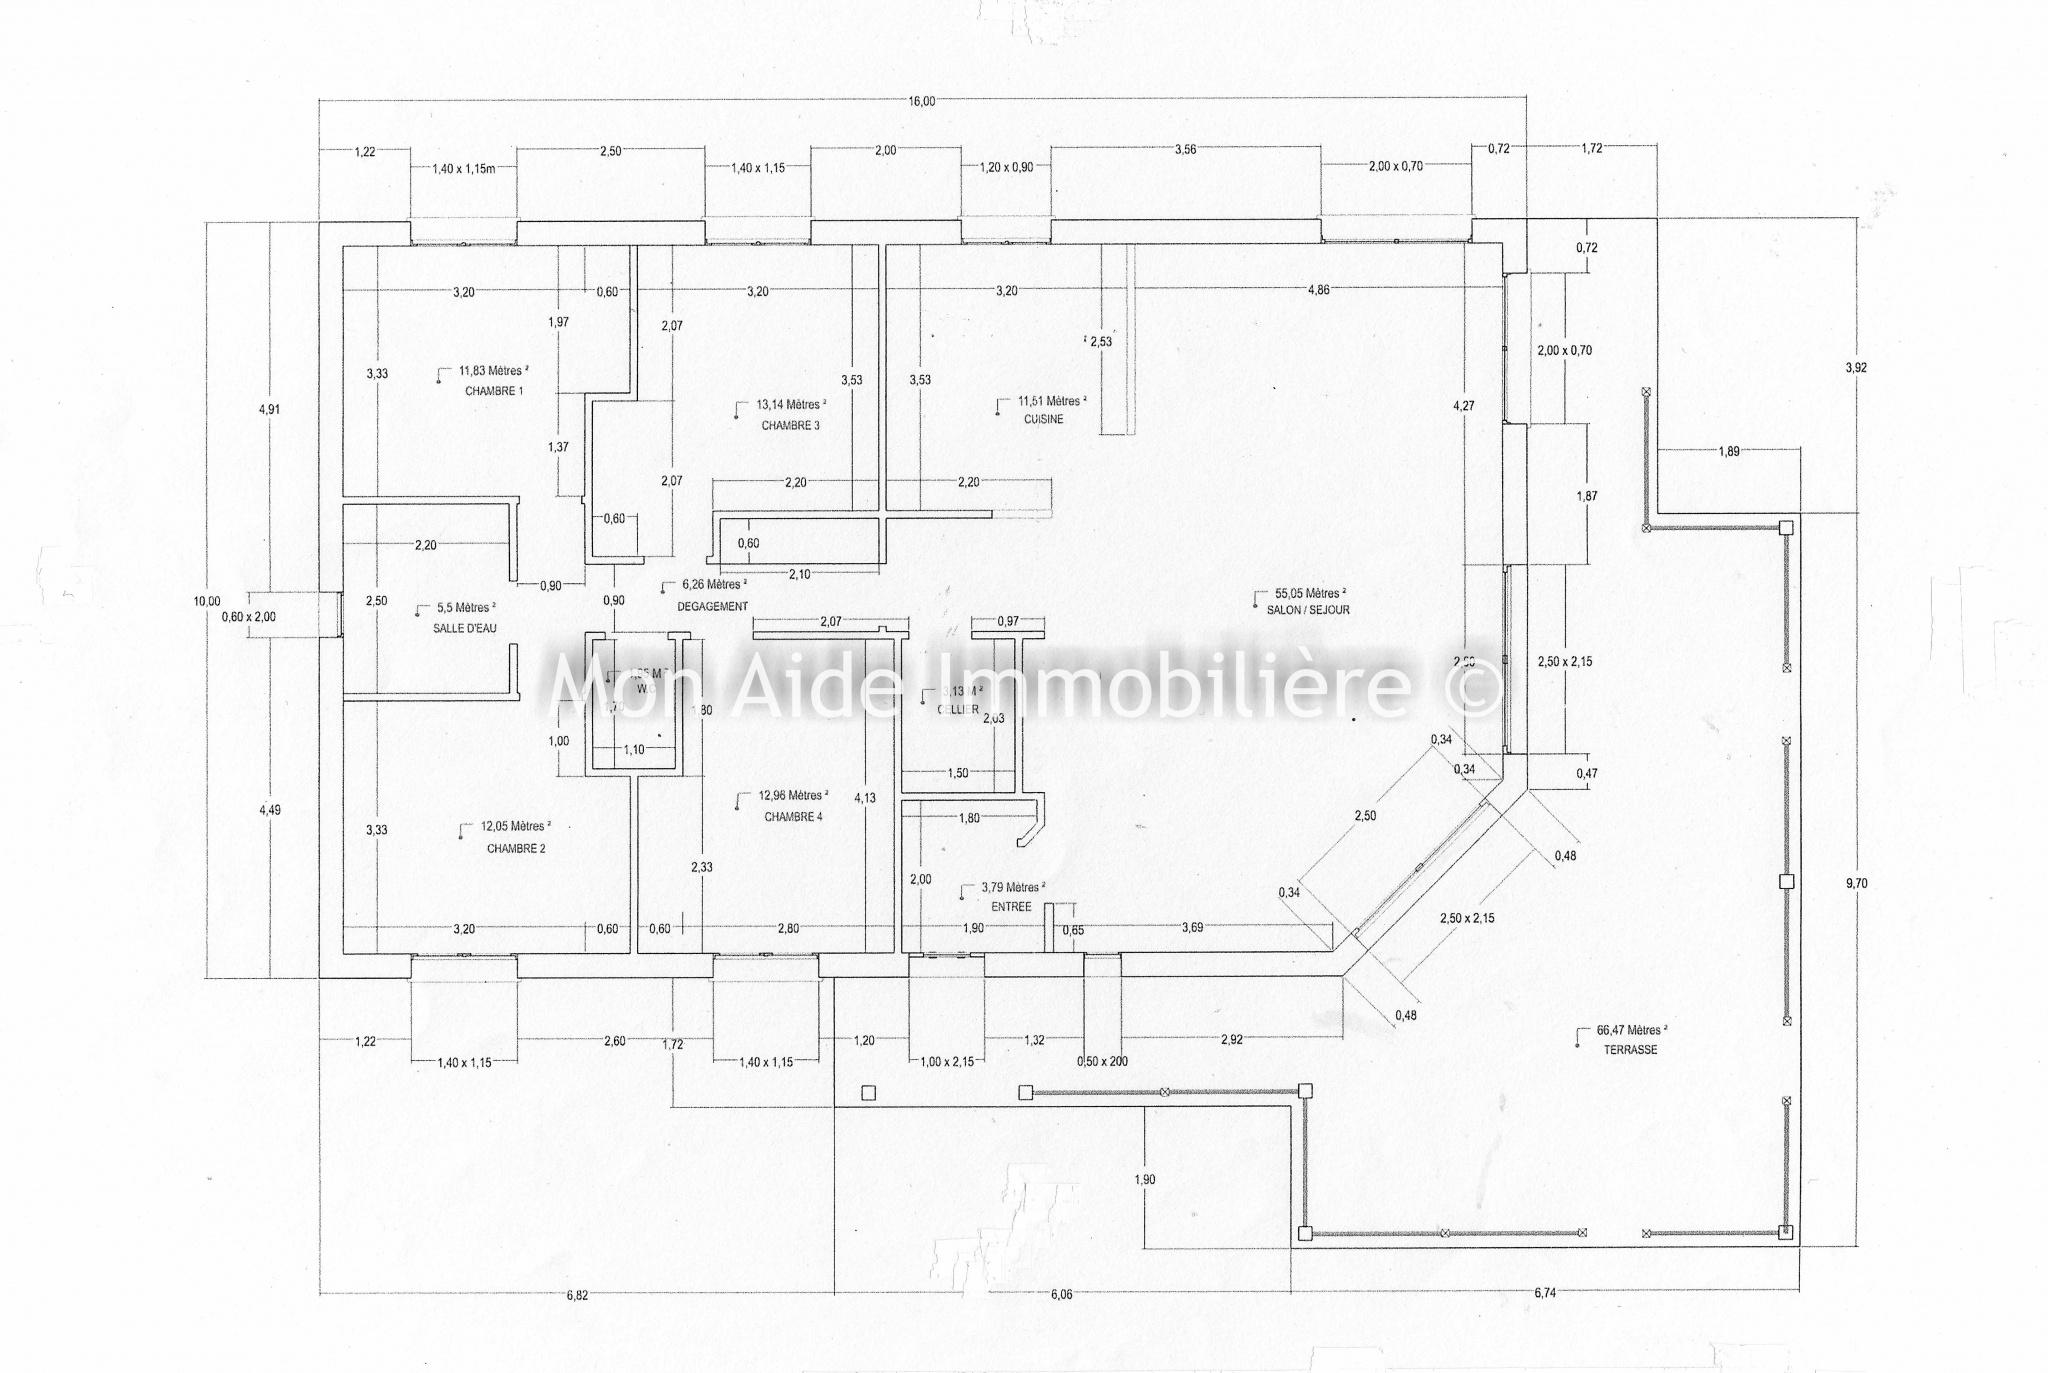 vente 100 entre particuliers maison moderne plain pied. Black Bedroom Furniture Sets. Home Design Ideas